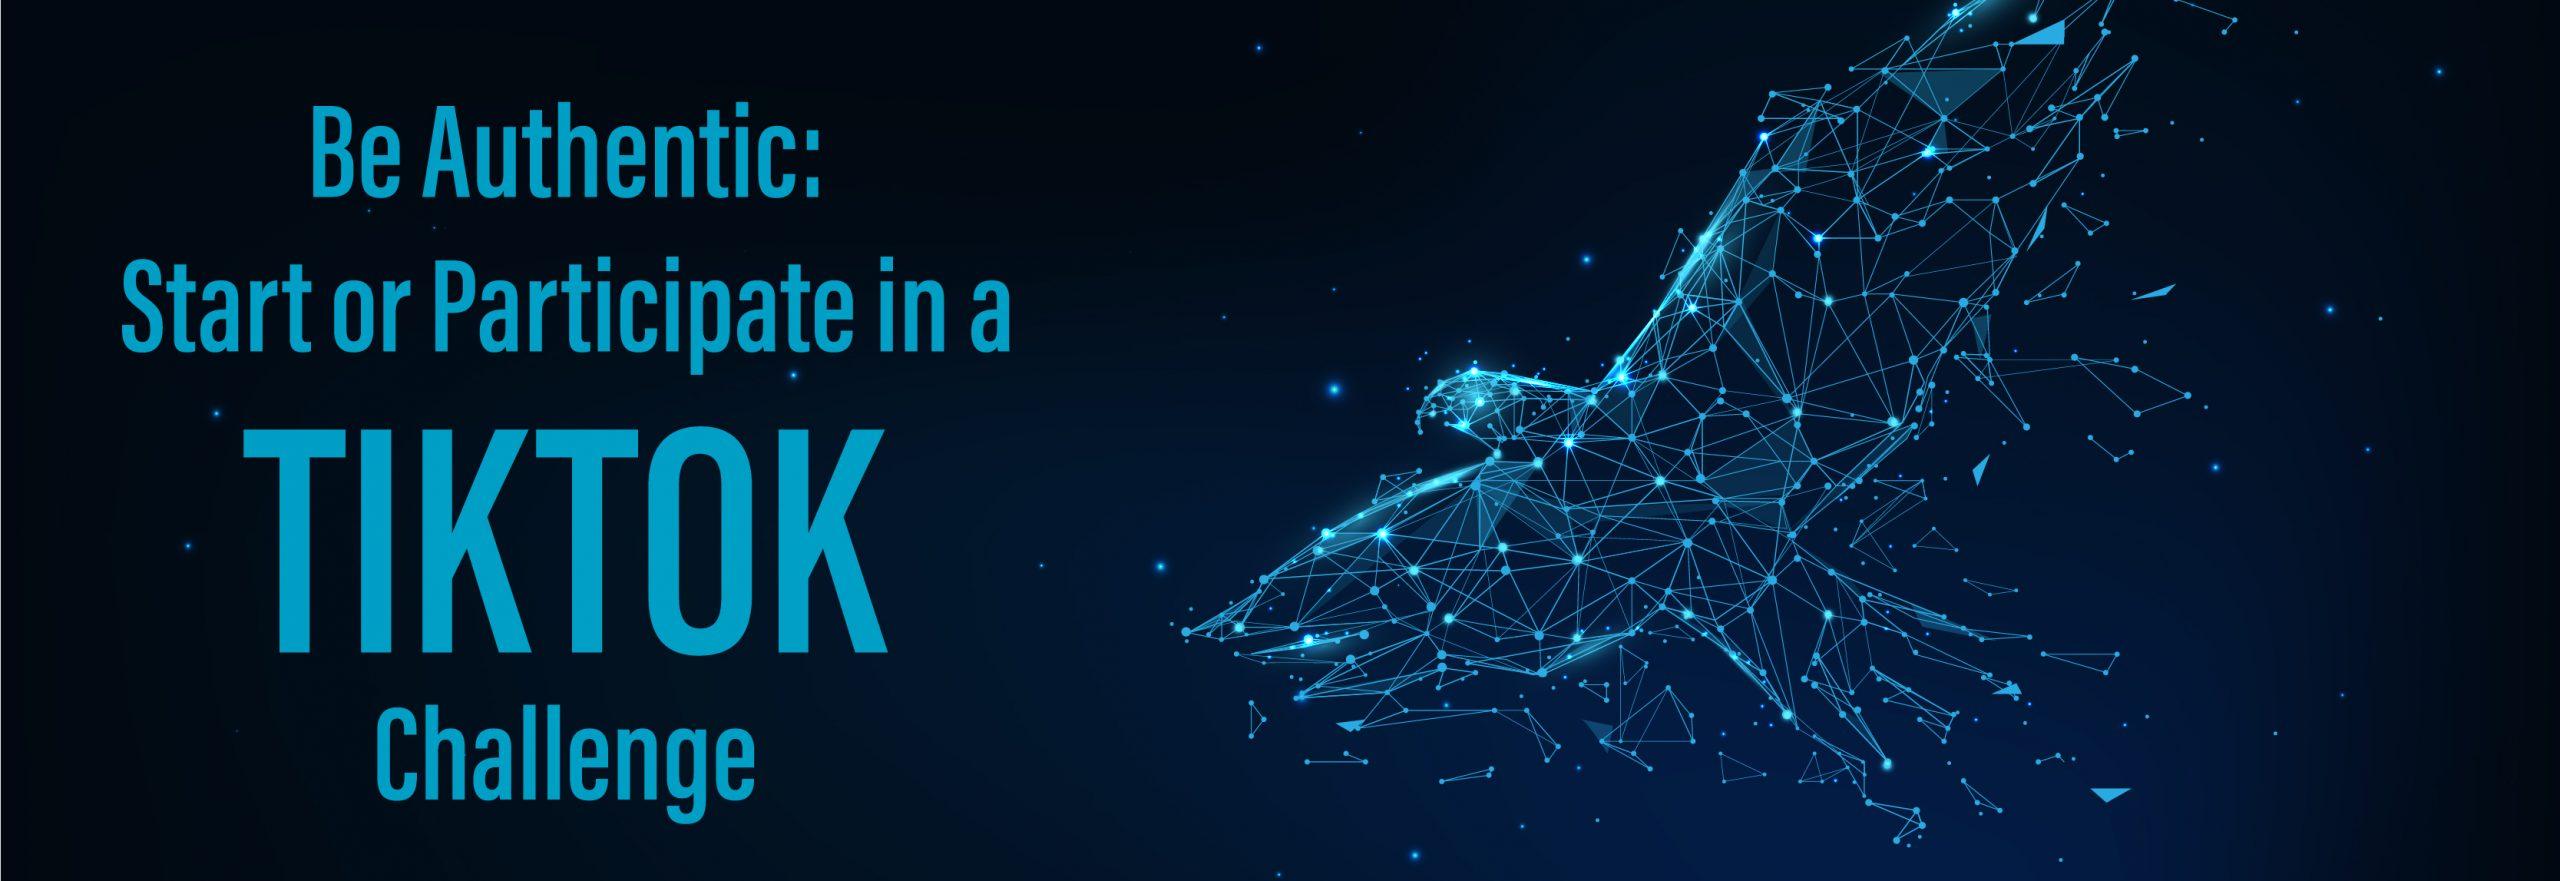 start or participate in tiktok challenge